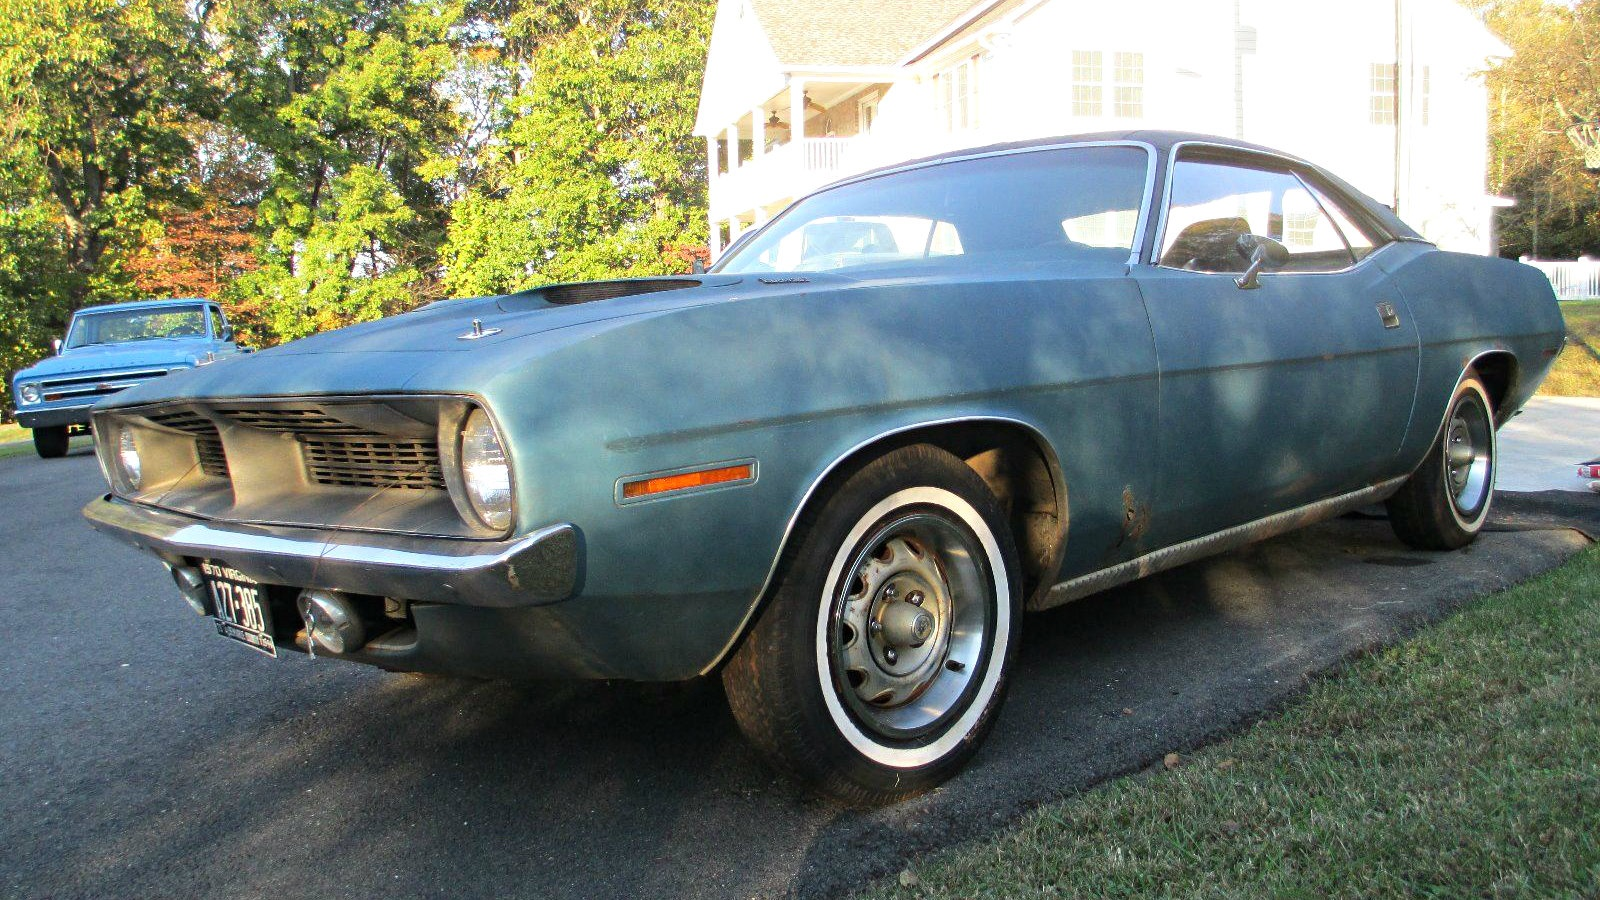 2016 Dodge Barracuda >> Original Condition Fish: 1970 Plymouth Barracuda